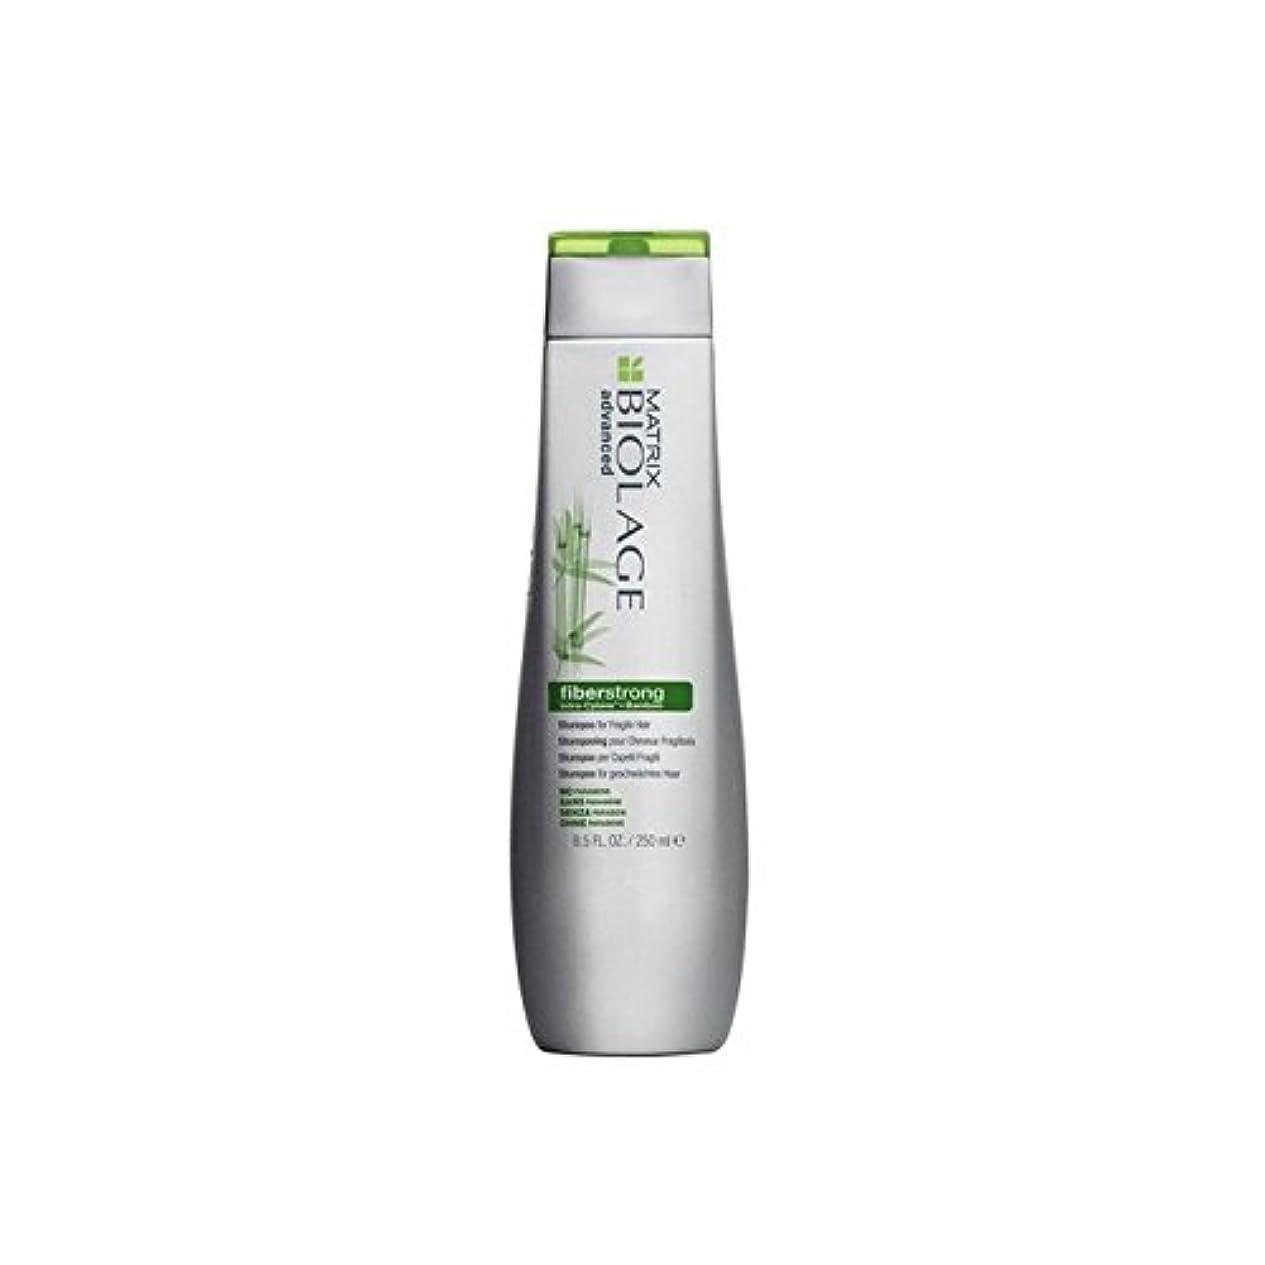 冷淡なシーサイドサーバントマトリックスバイオレイジのシャンプー(250ミリリットル) x2 - Matrix Biolage Fiberstrong Shampoo (250ml) (Pack of 2) [並行輸入品]